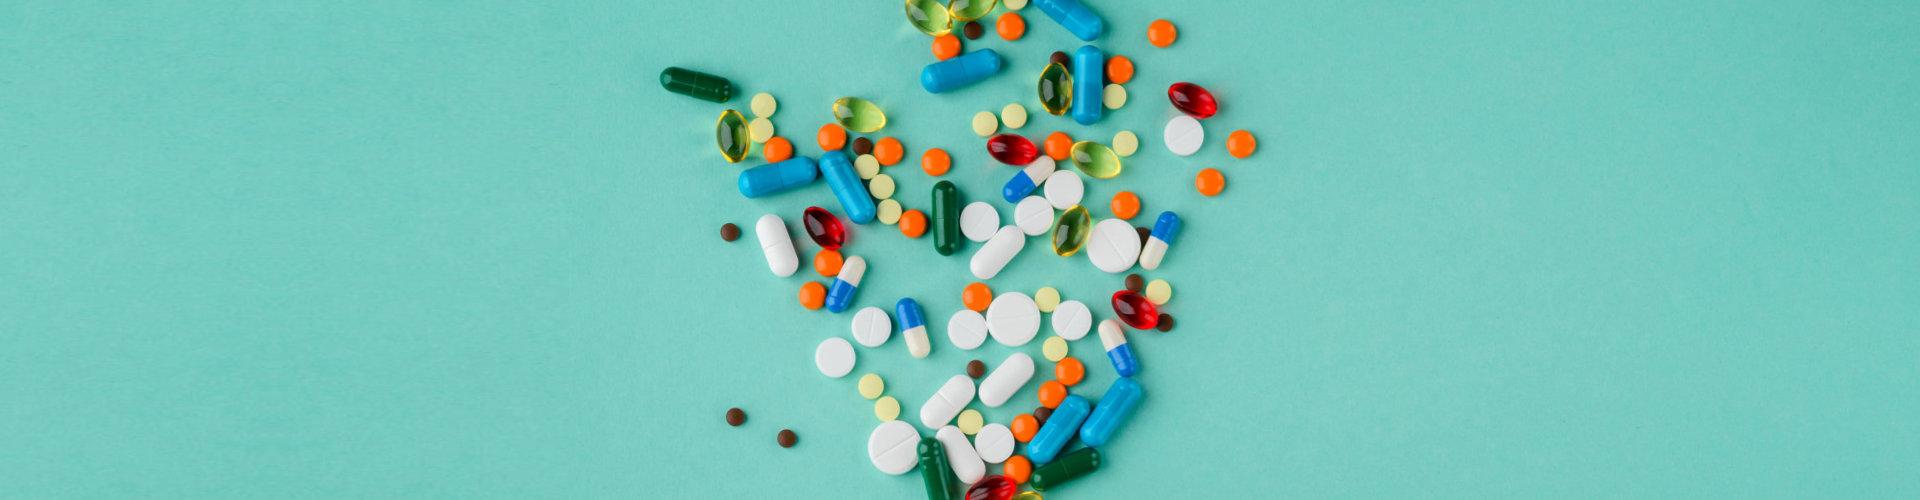 scattered medicines